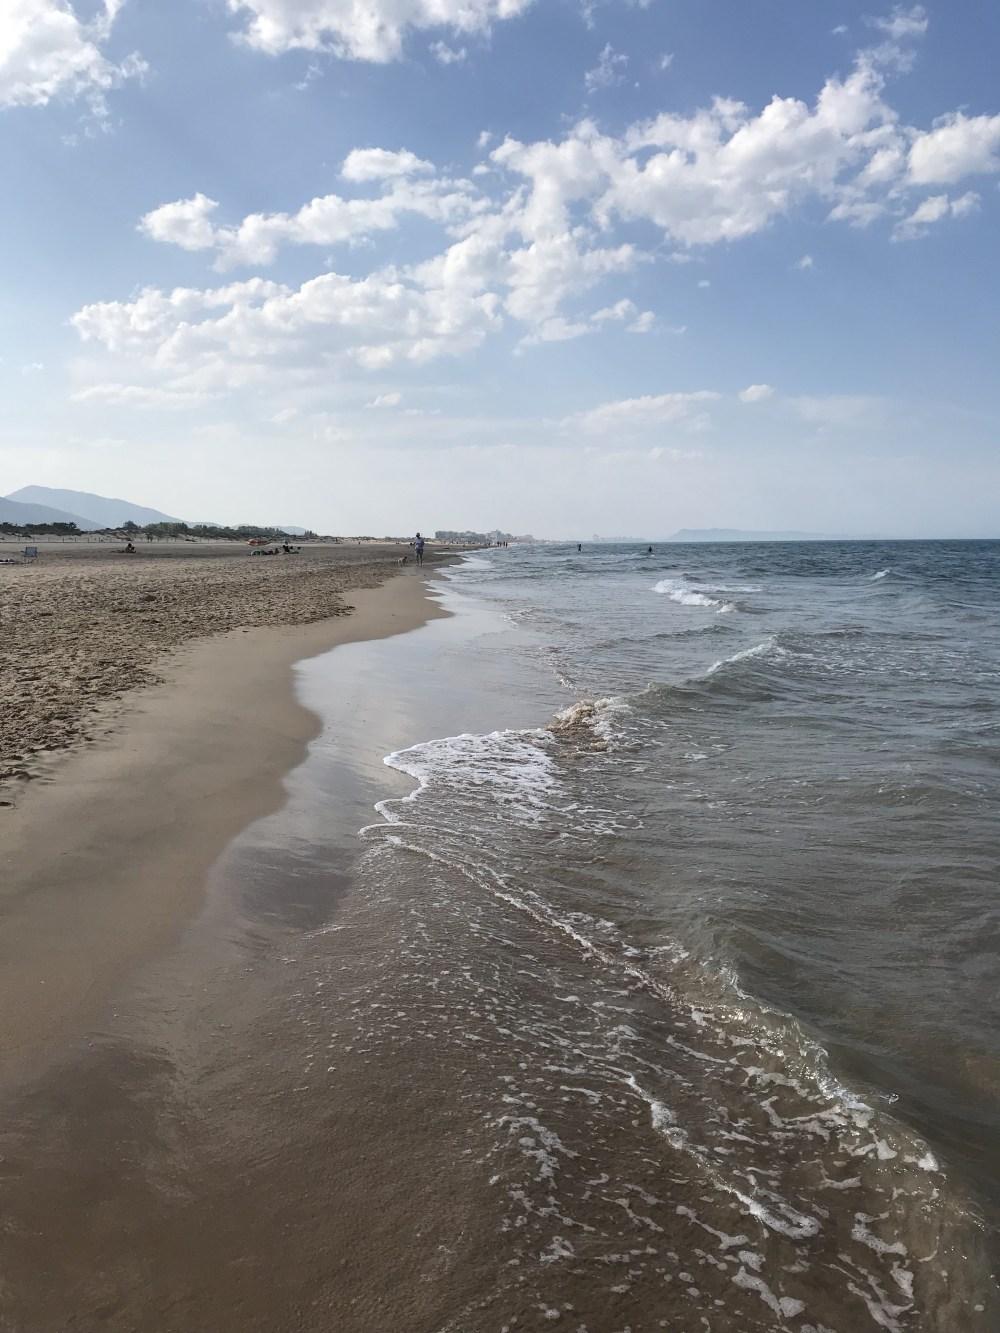 A praia tranquila e vazia